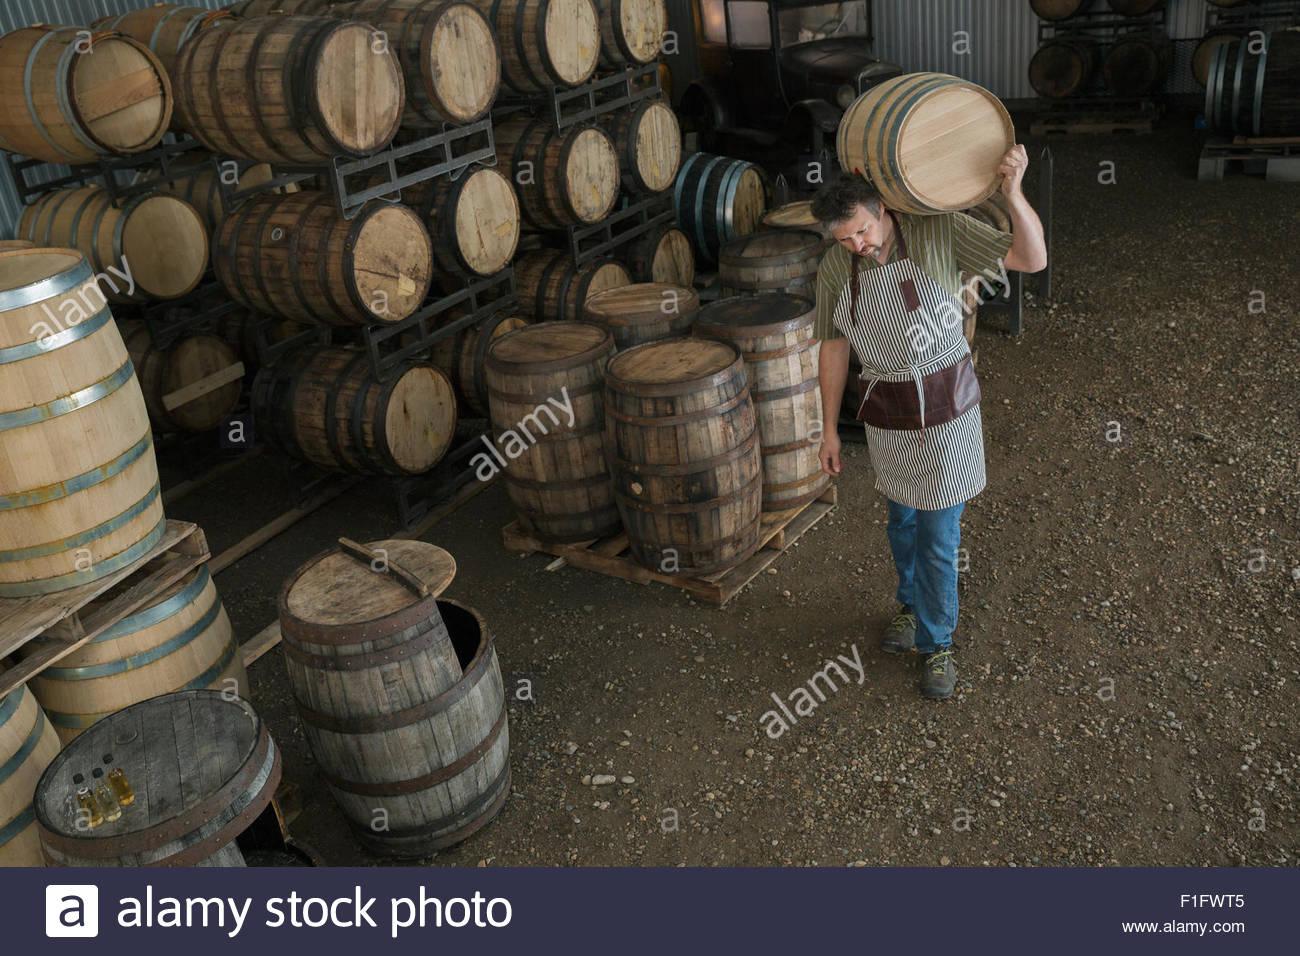 Worker carrying oak barrel in distillery cellar - Stock Image